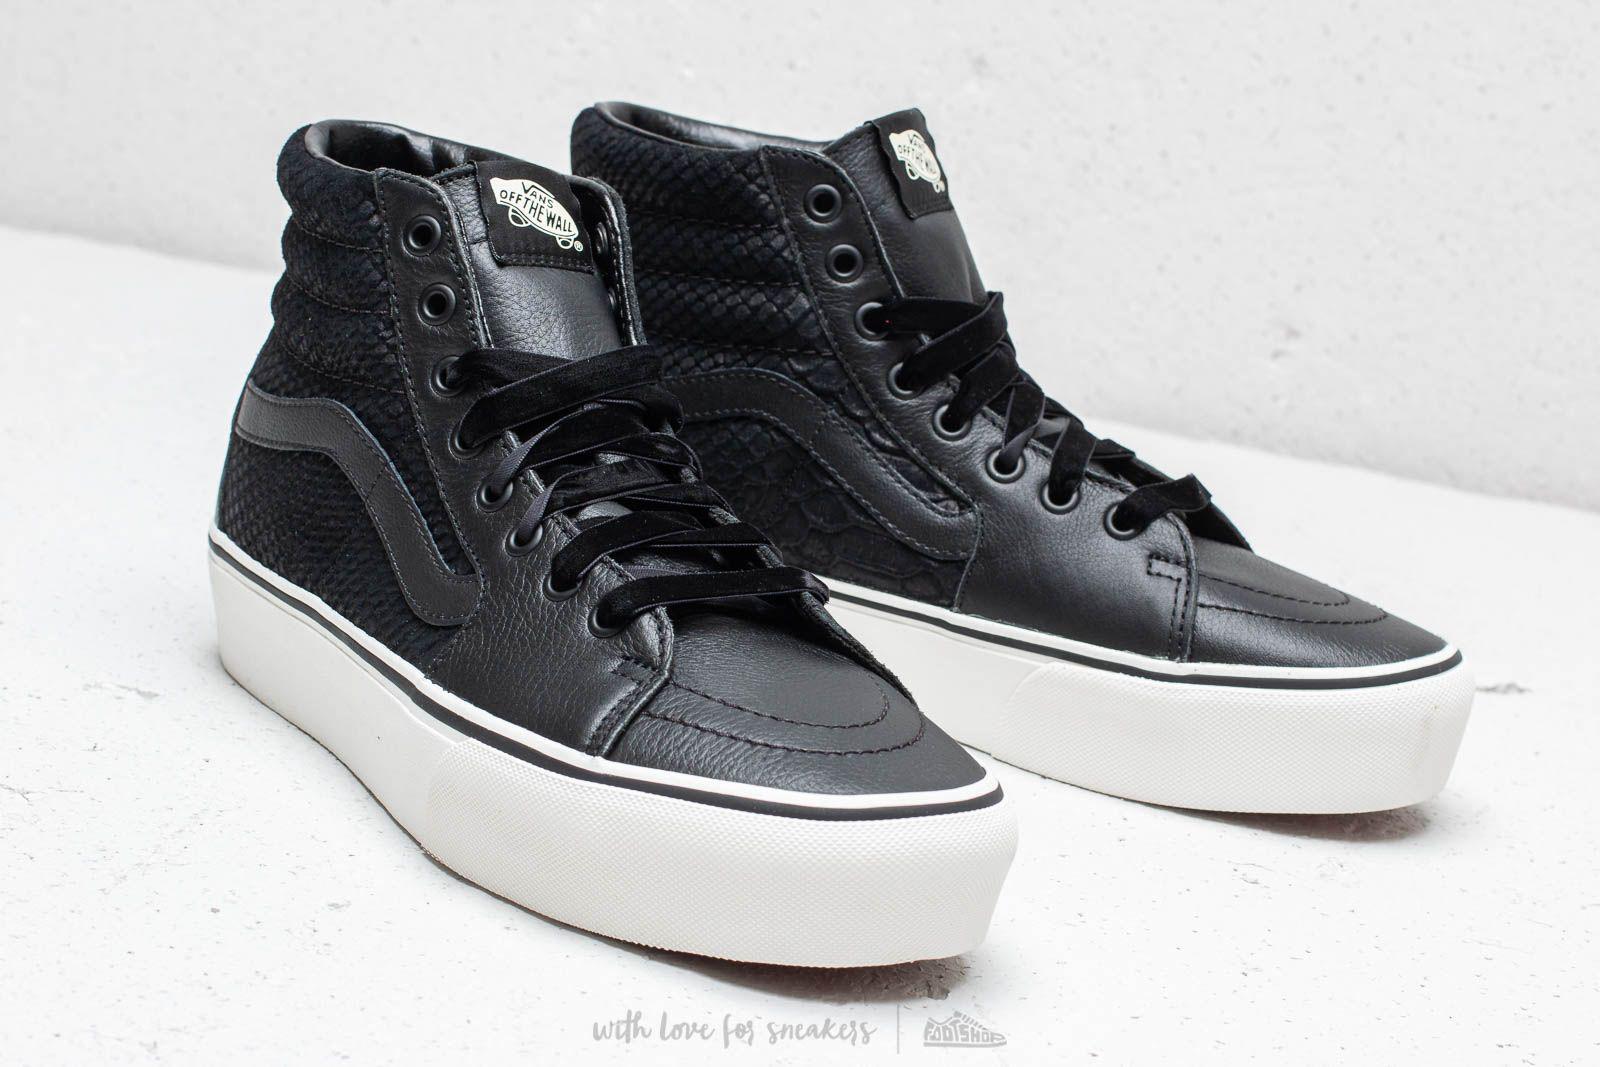 6e6b0f050a Lyst - Vans Sk8-hi Platform 2 (leather) Snake  Black in Black for Men